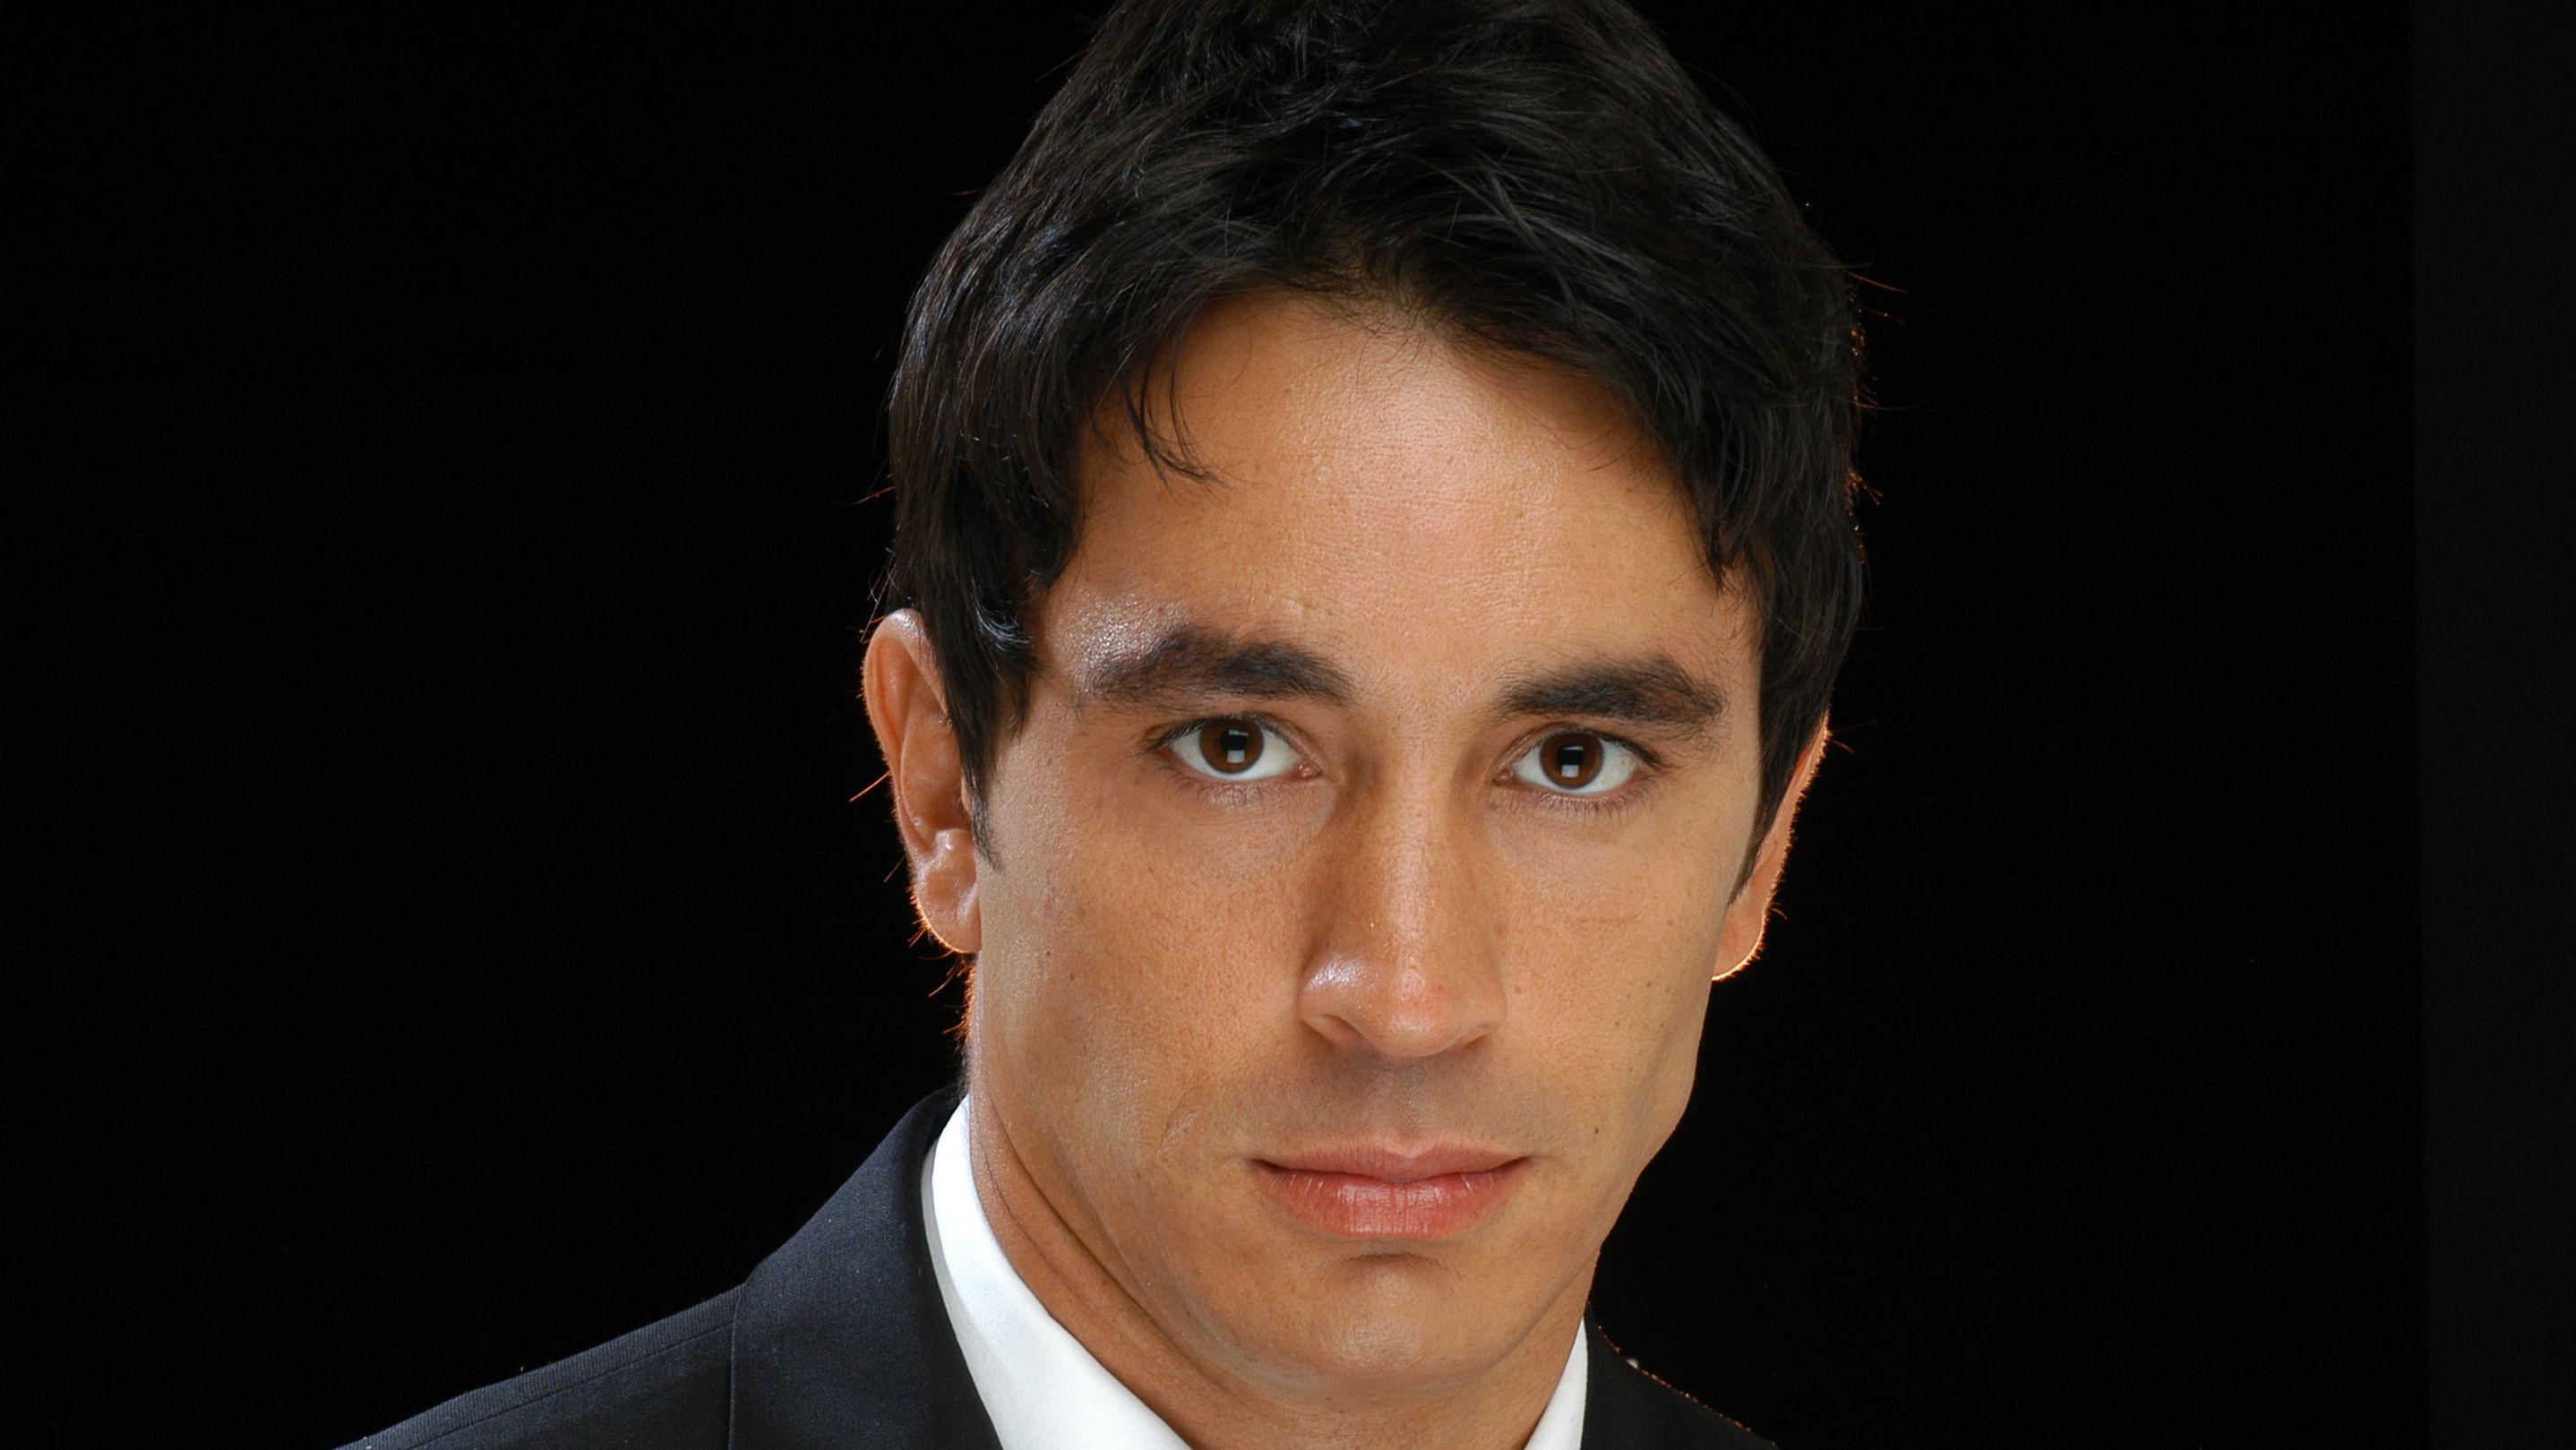 El mal momento de Sebastián Estevanez: sufre una grave enfermedad en sus rodillas